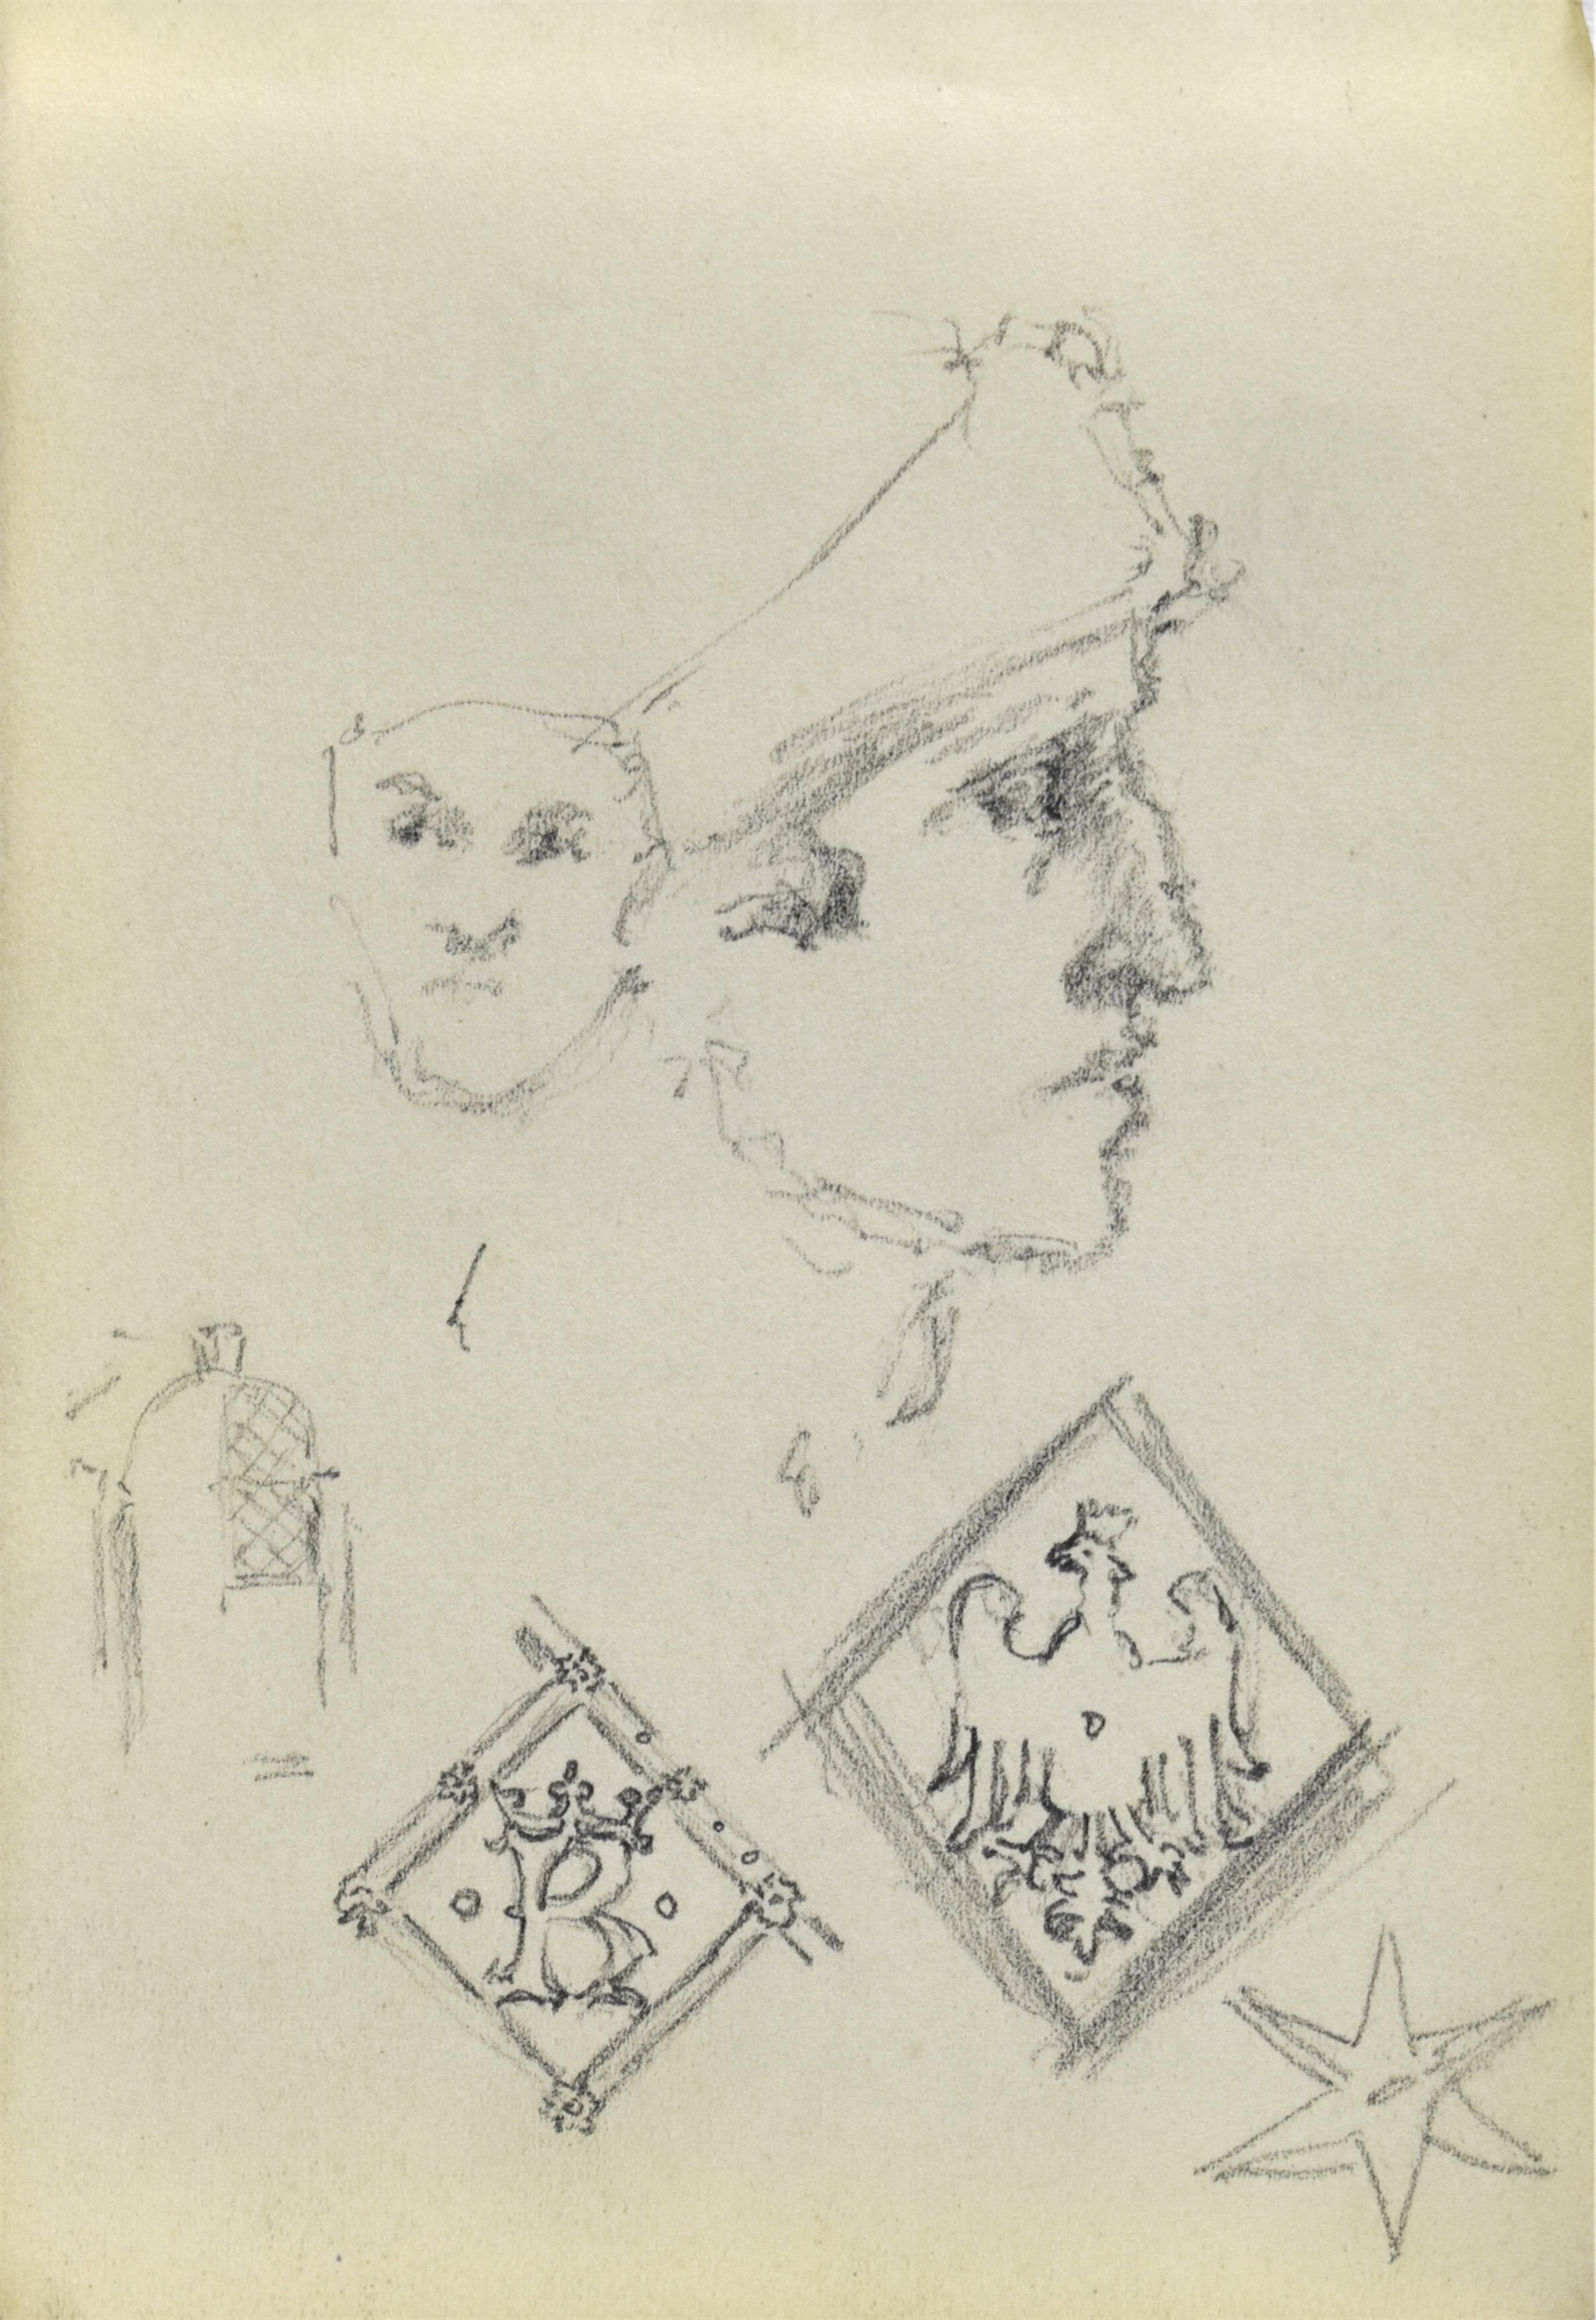 Szkice głowy w ujęciu en face i w ujęciu z profilu oraz szkic drzwi do katedry na Wawelu wraz z motywami